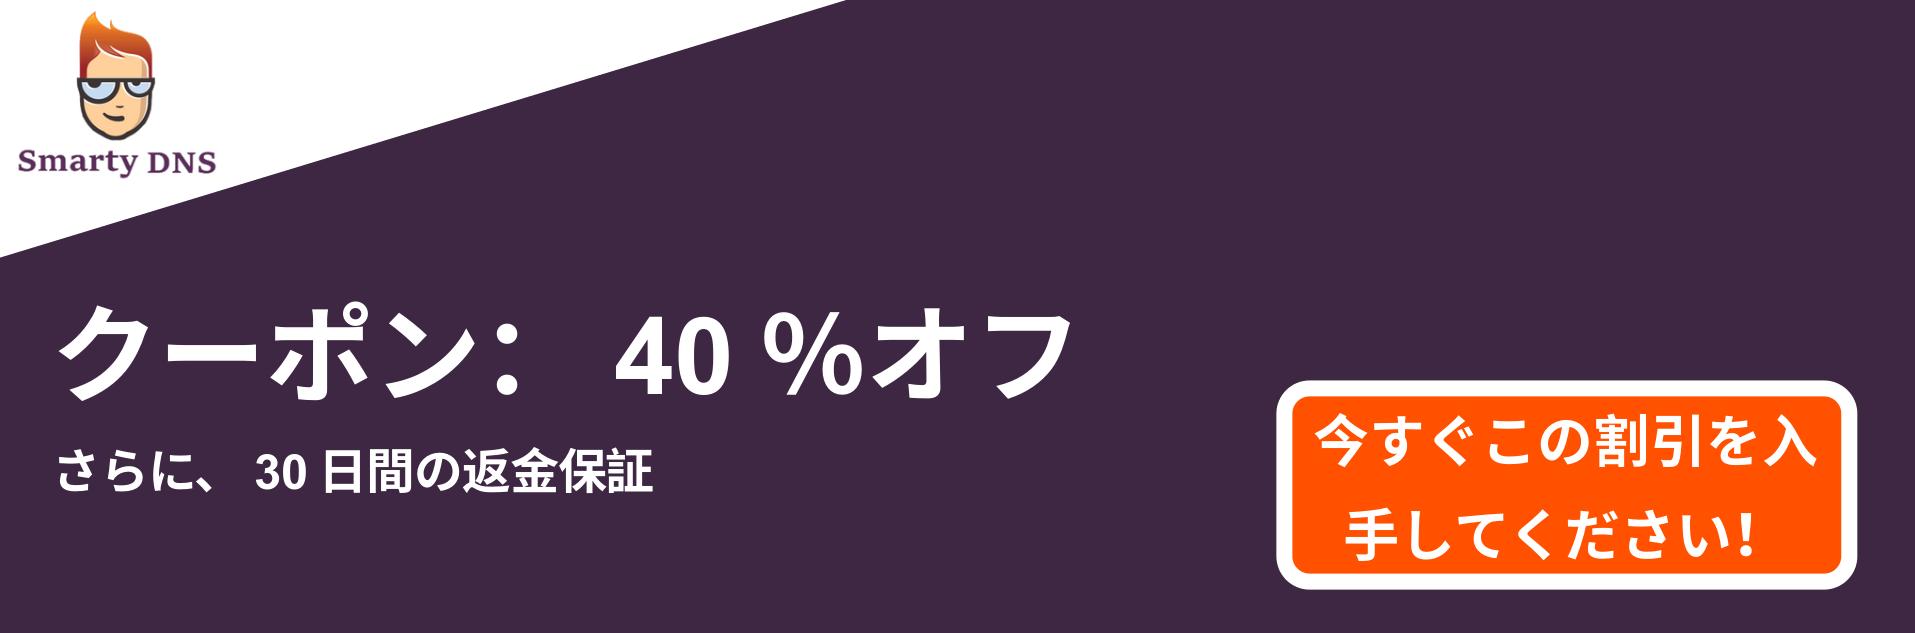 SmartyDNSクーポンバナー-40%オフ